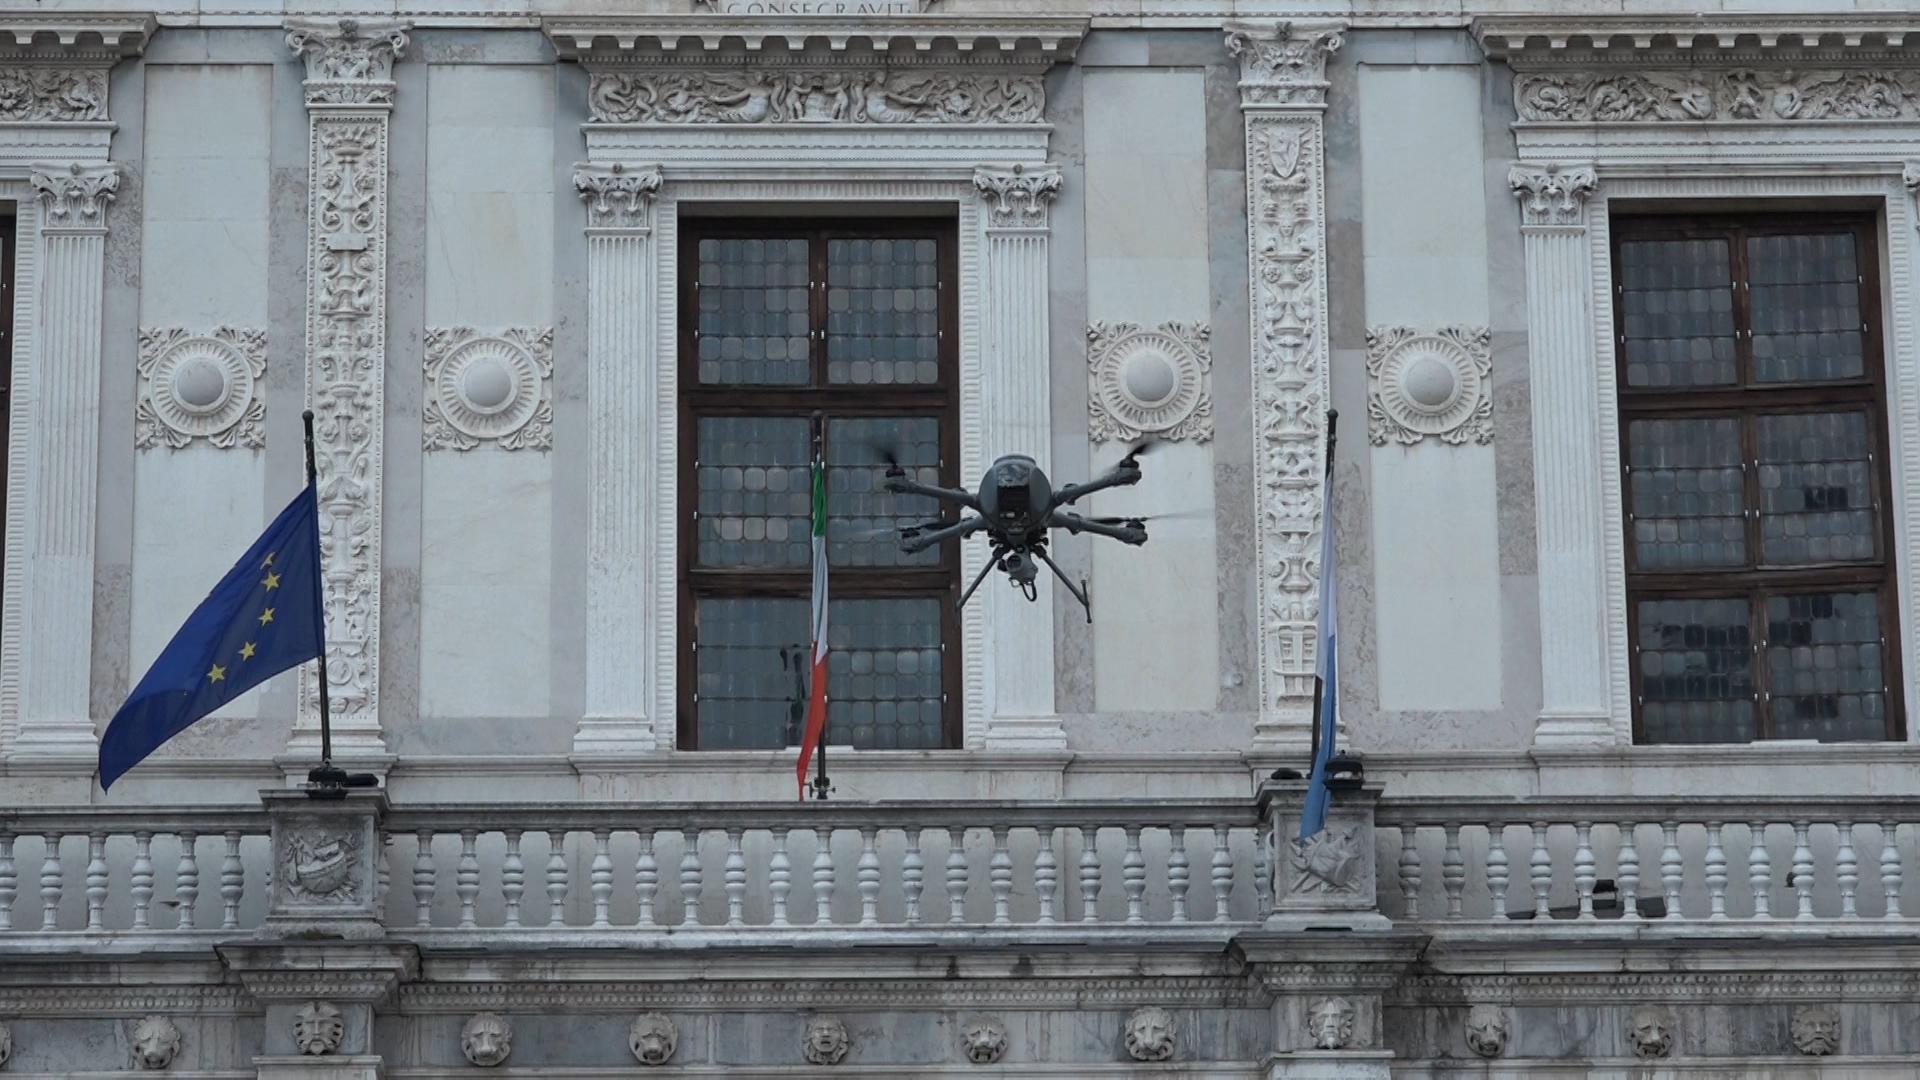 Coronavirus, il drone dei Carabinieri di Brescia per pattugliare la città dall'alto